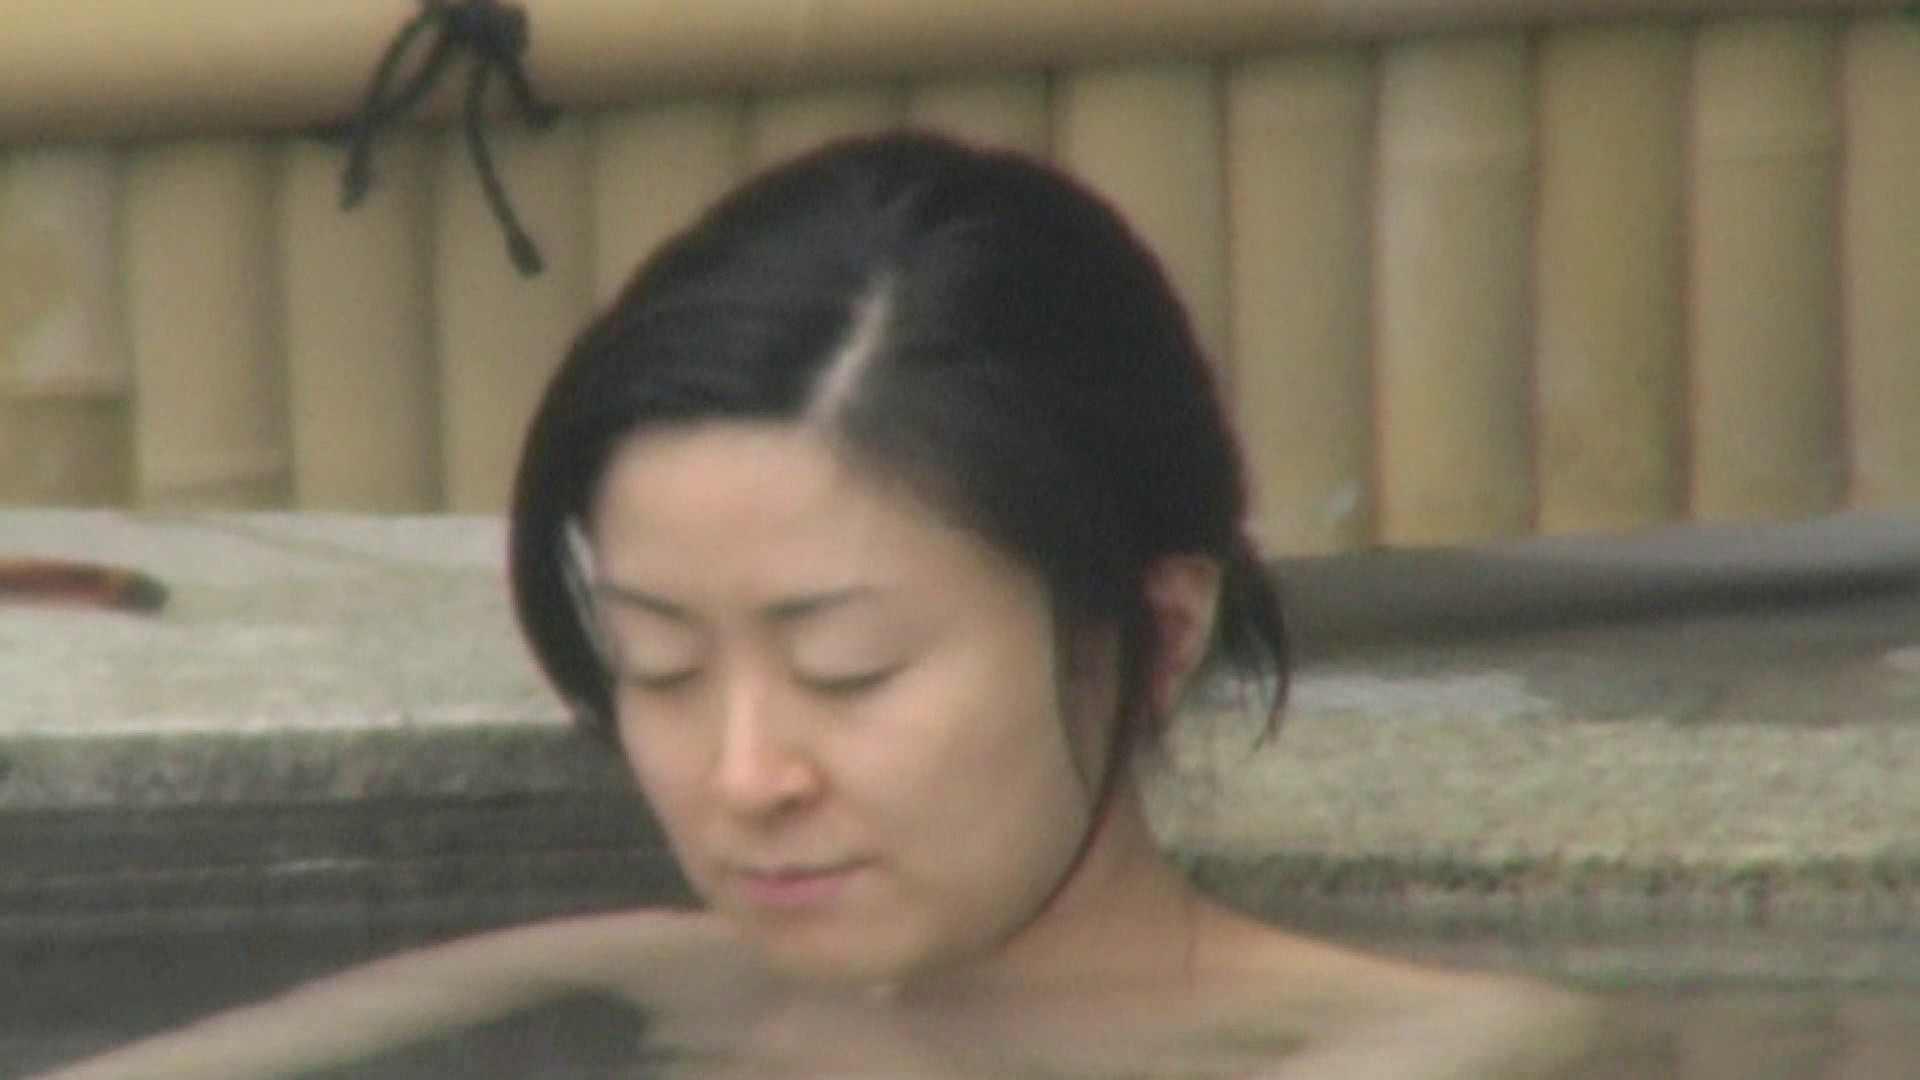 Aquaな露天風呂Vol.548 盗撮  103画像 42